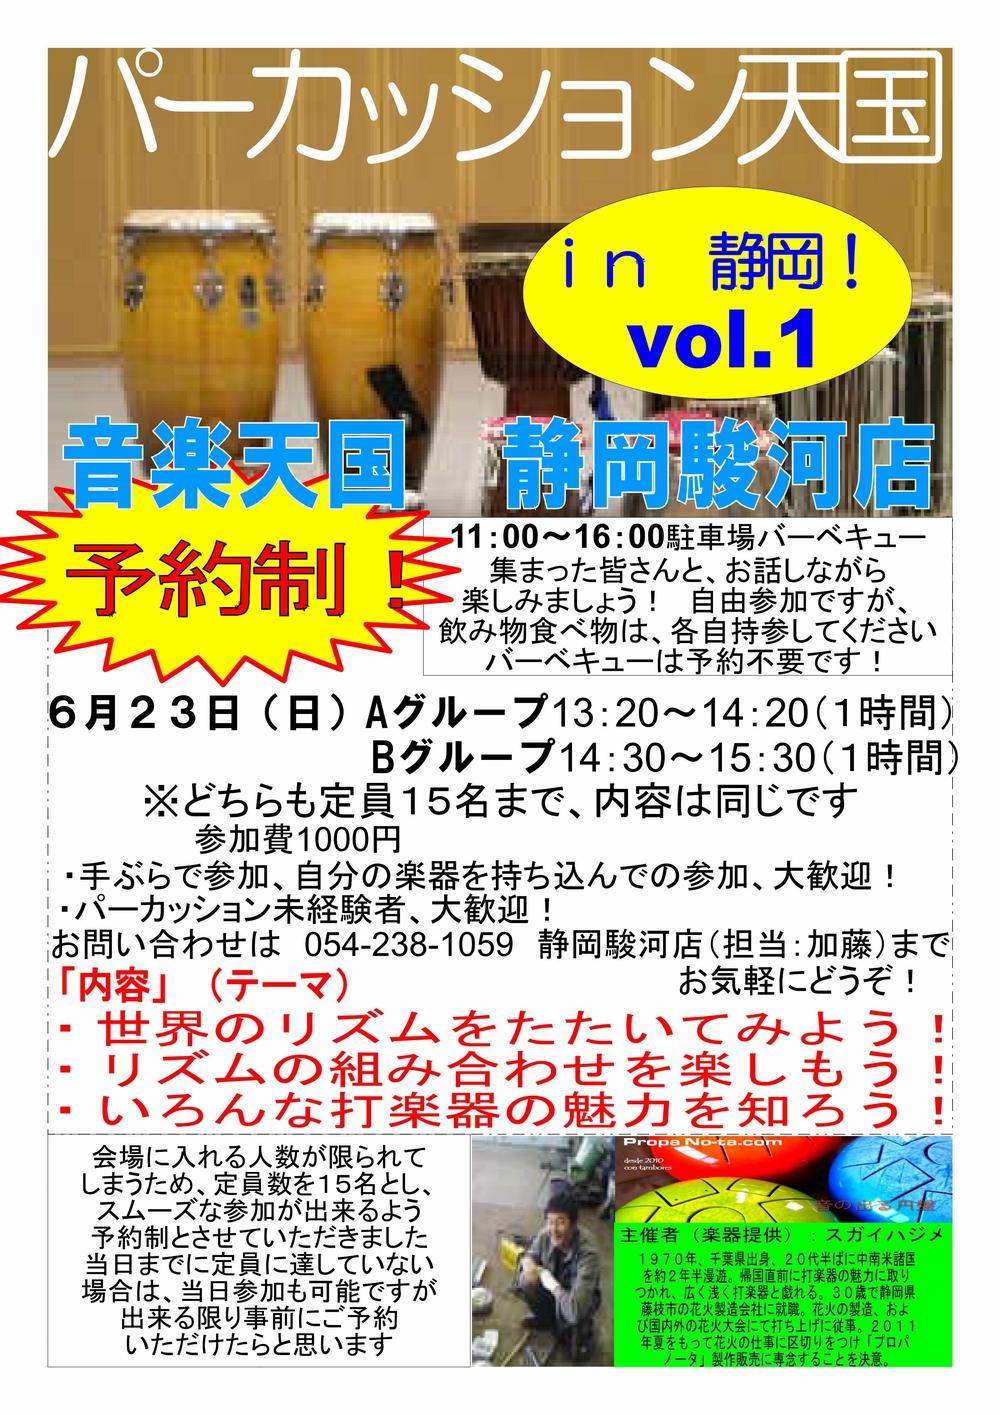 パーカッション天国Vol.1@静岡駿河店6月23日(日)初開催!